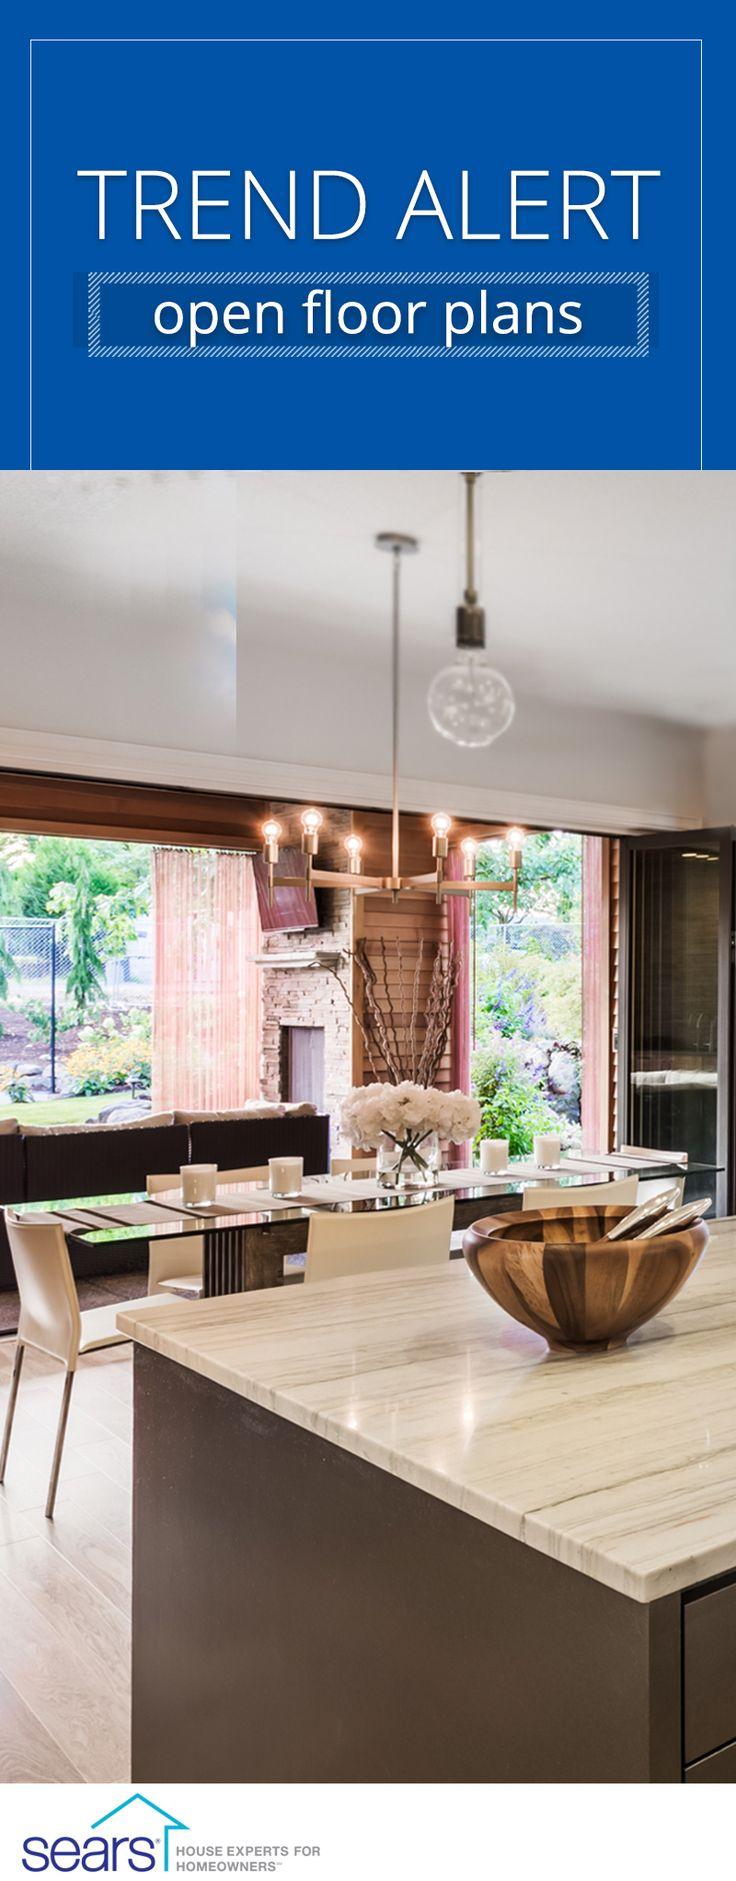 29 best Home Design Trends images on Pinterest   Design trends ...